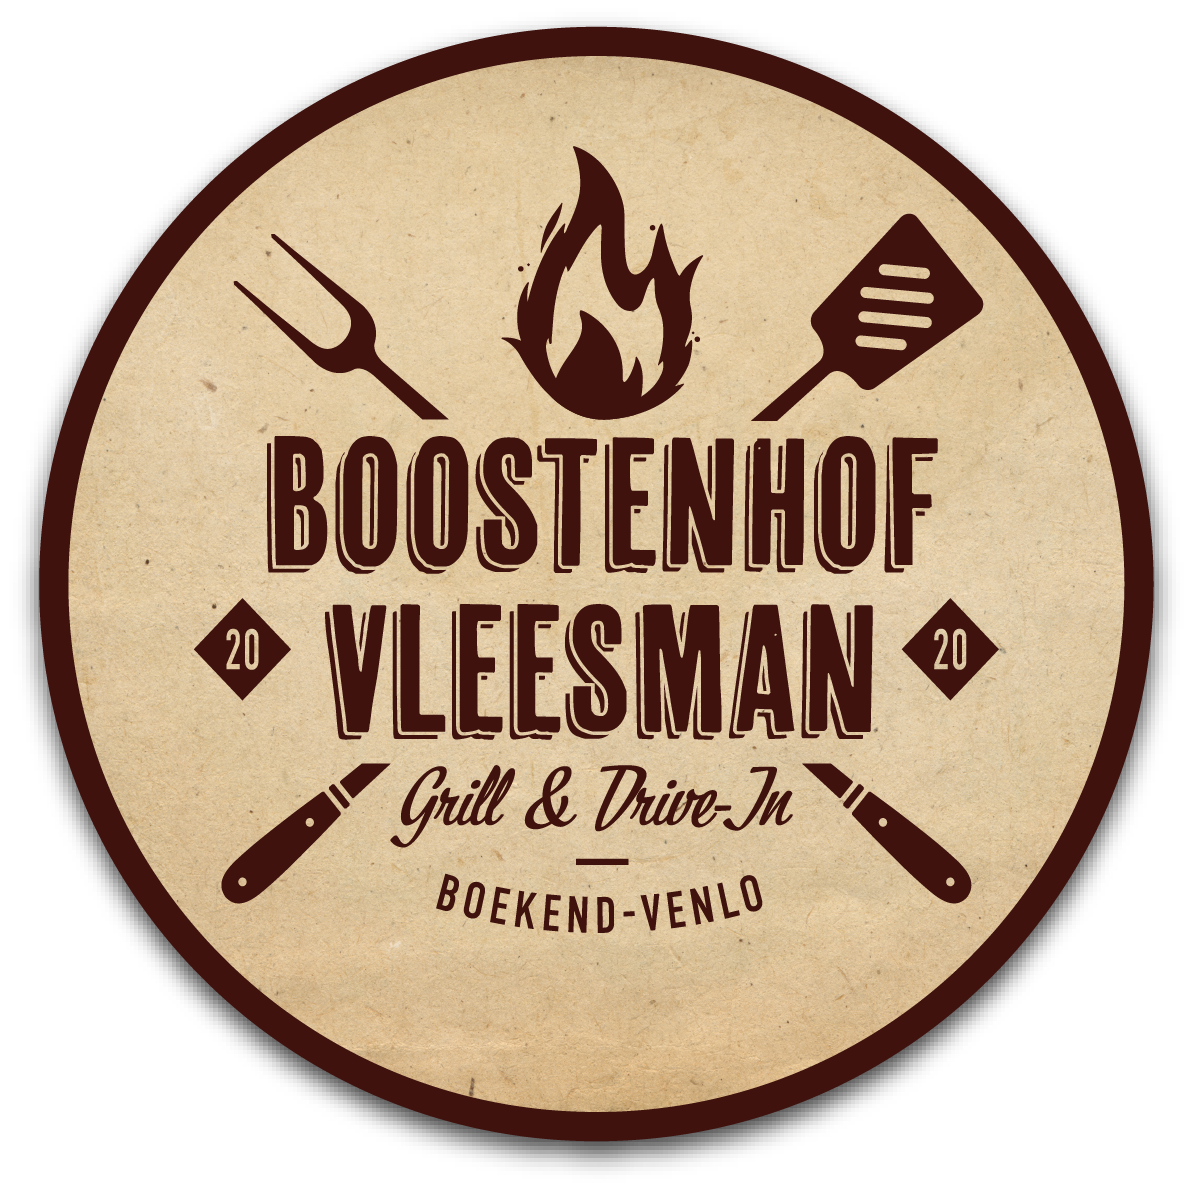 Spareribs in Venlo van de Vleesman, de lekkerste!